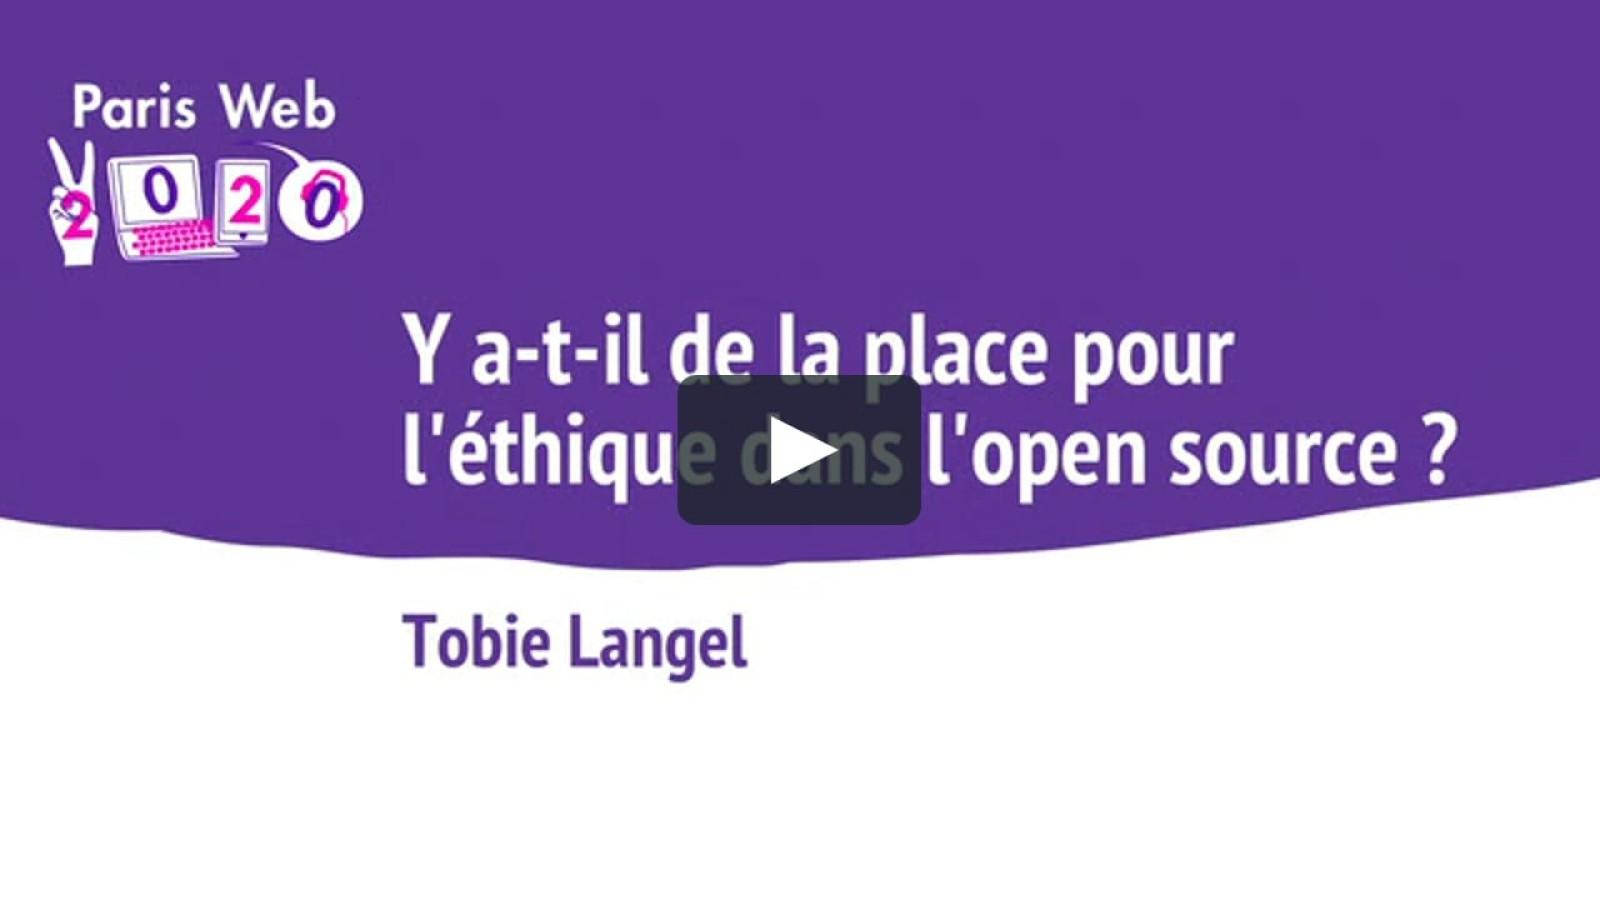 Y a-t-il de la place pour l'éthique dans l'open source?